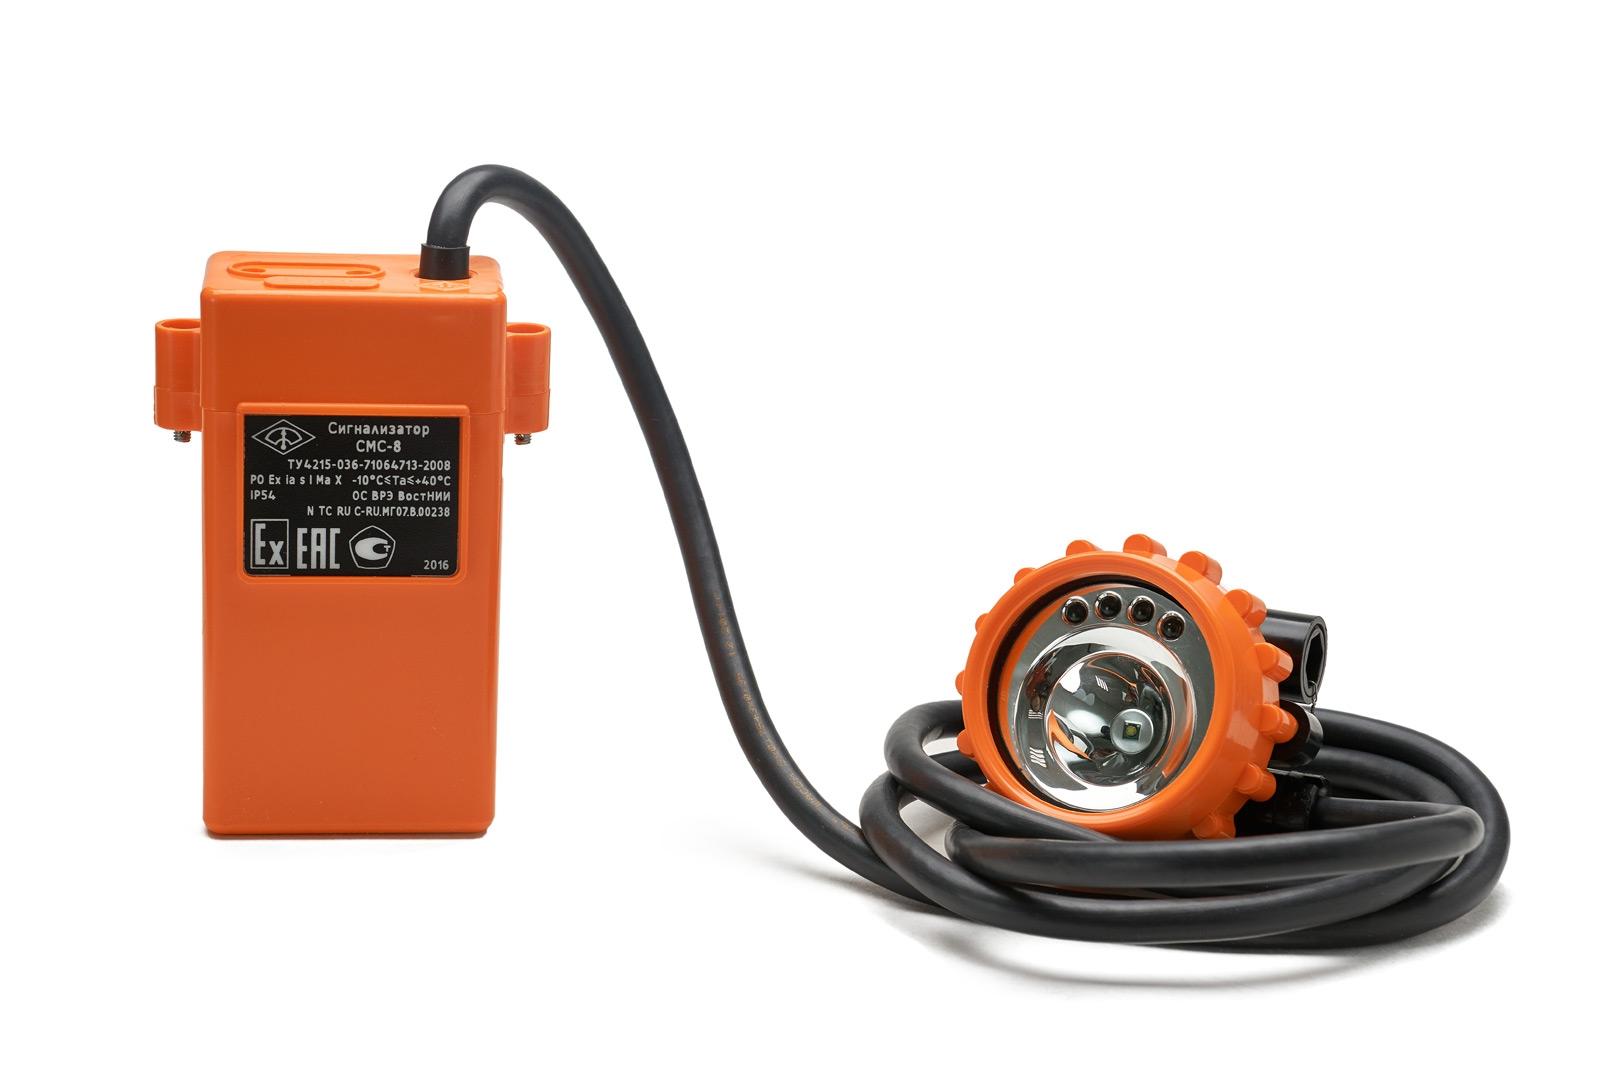 Сигнализаторы метана СМС-8 с миниатюрной аккумуляторной батареей